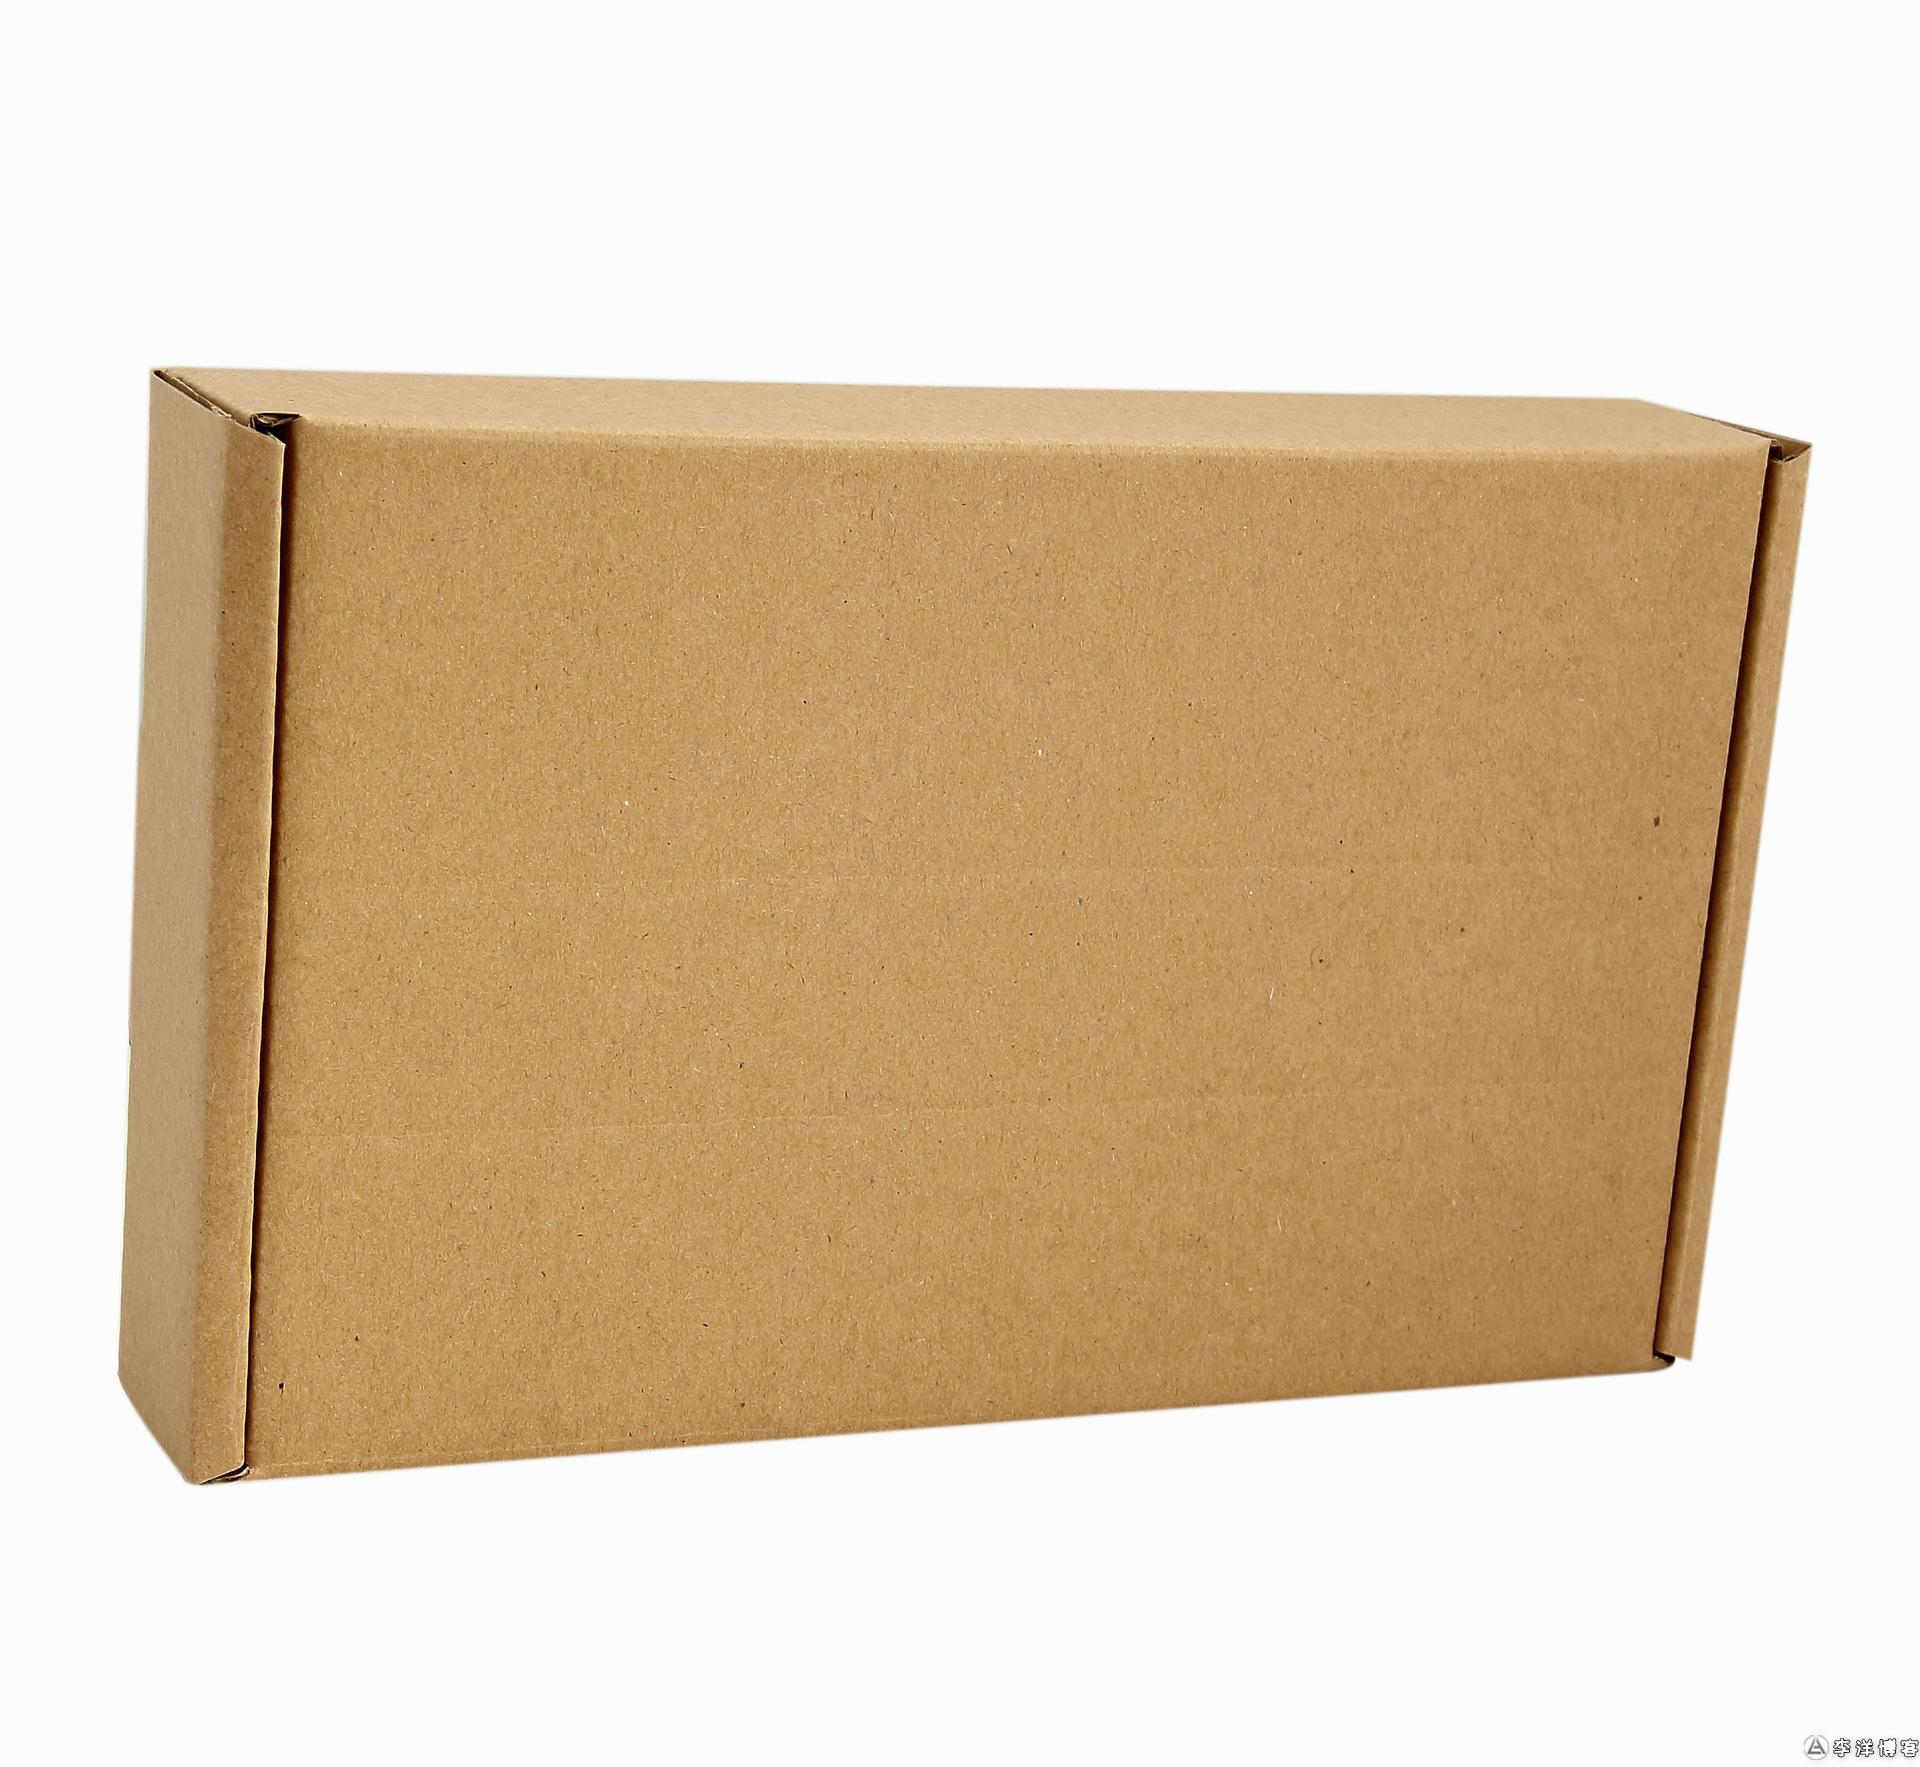 哈尔滨纸箱厂,哈尔滨飞机盒纸箱